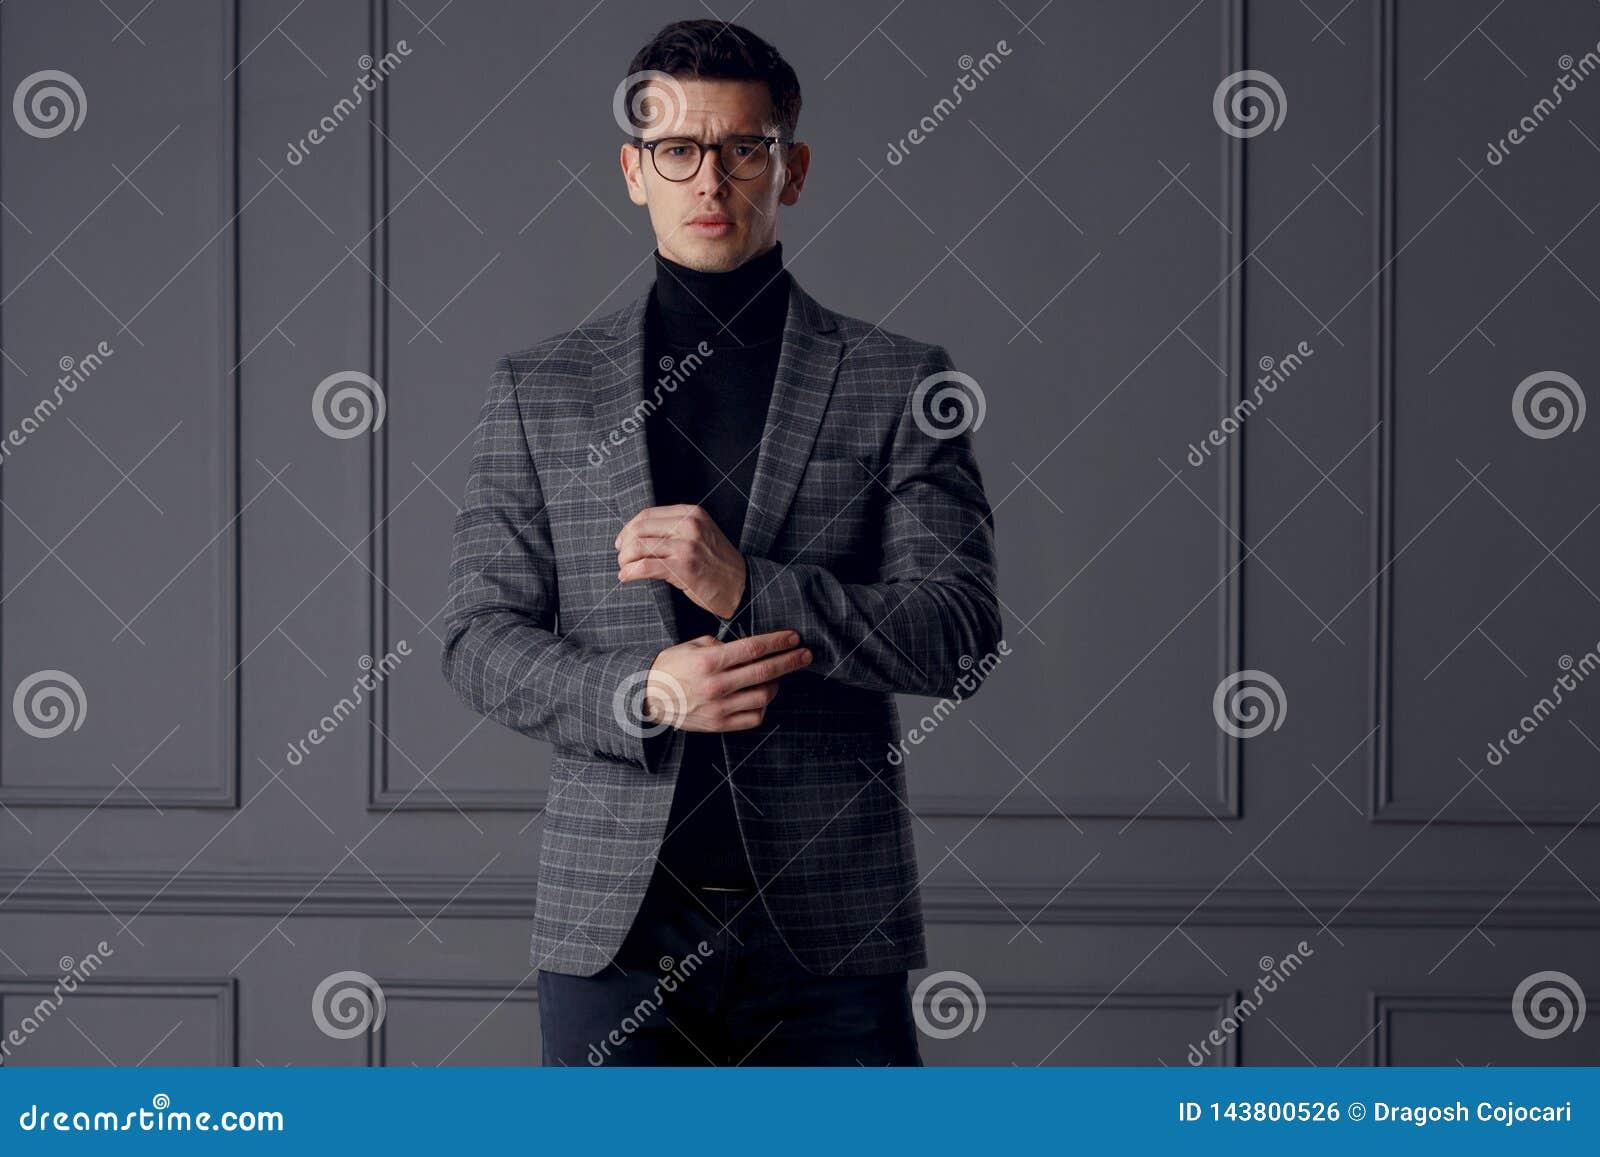 Het zekere bussinesman slijtage modieuze grijze kostuum en de zwarte oogglazen kijken met houding, op grijze muurachtergrond